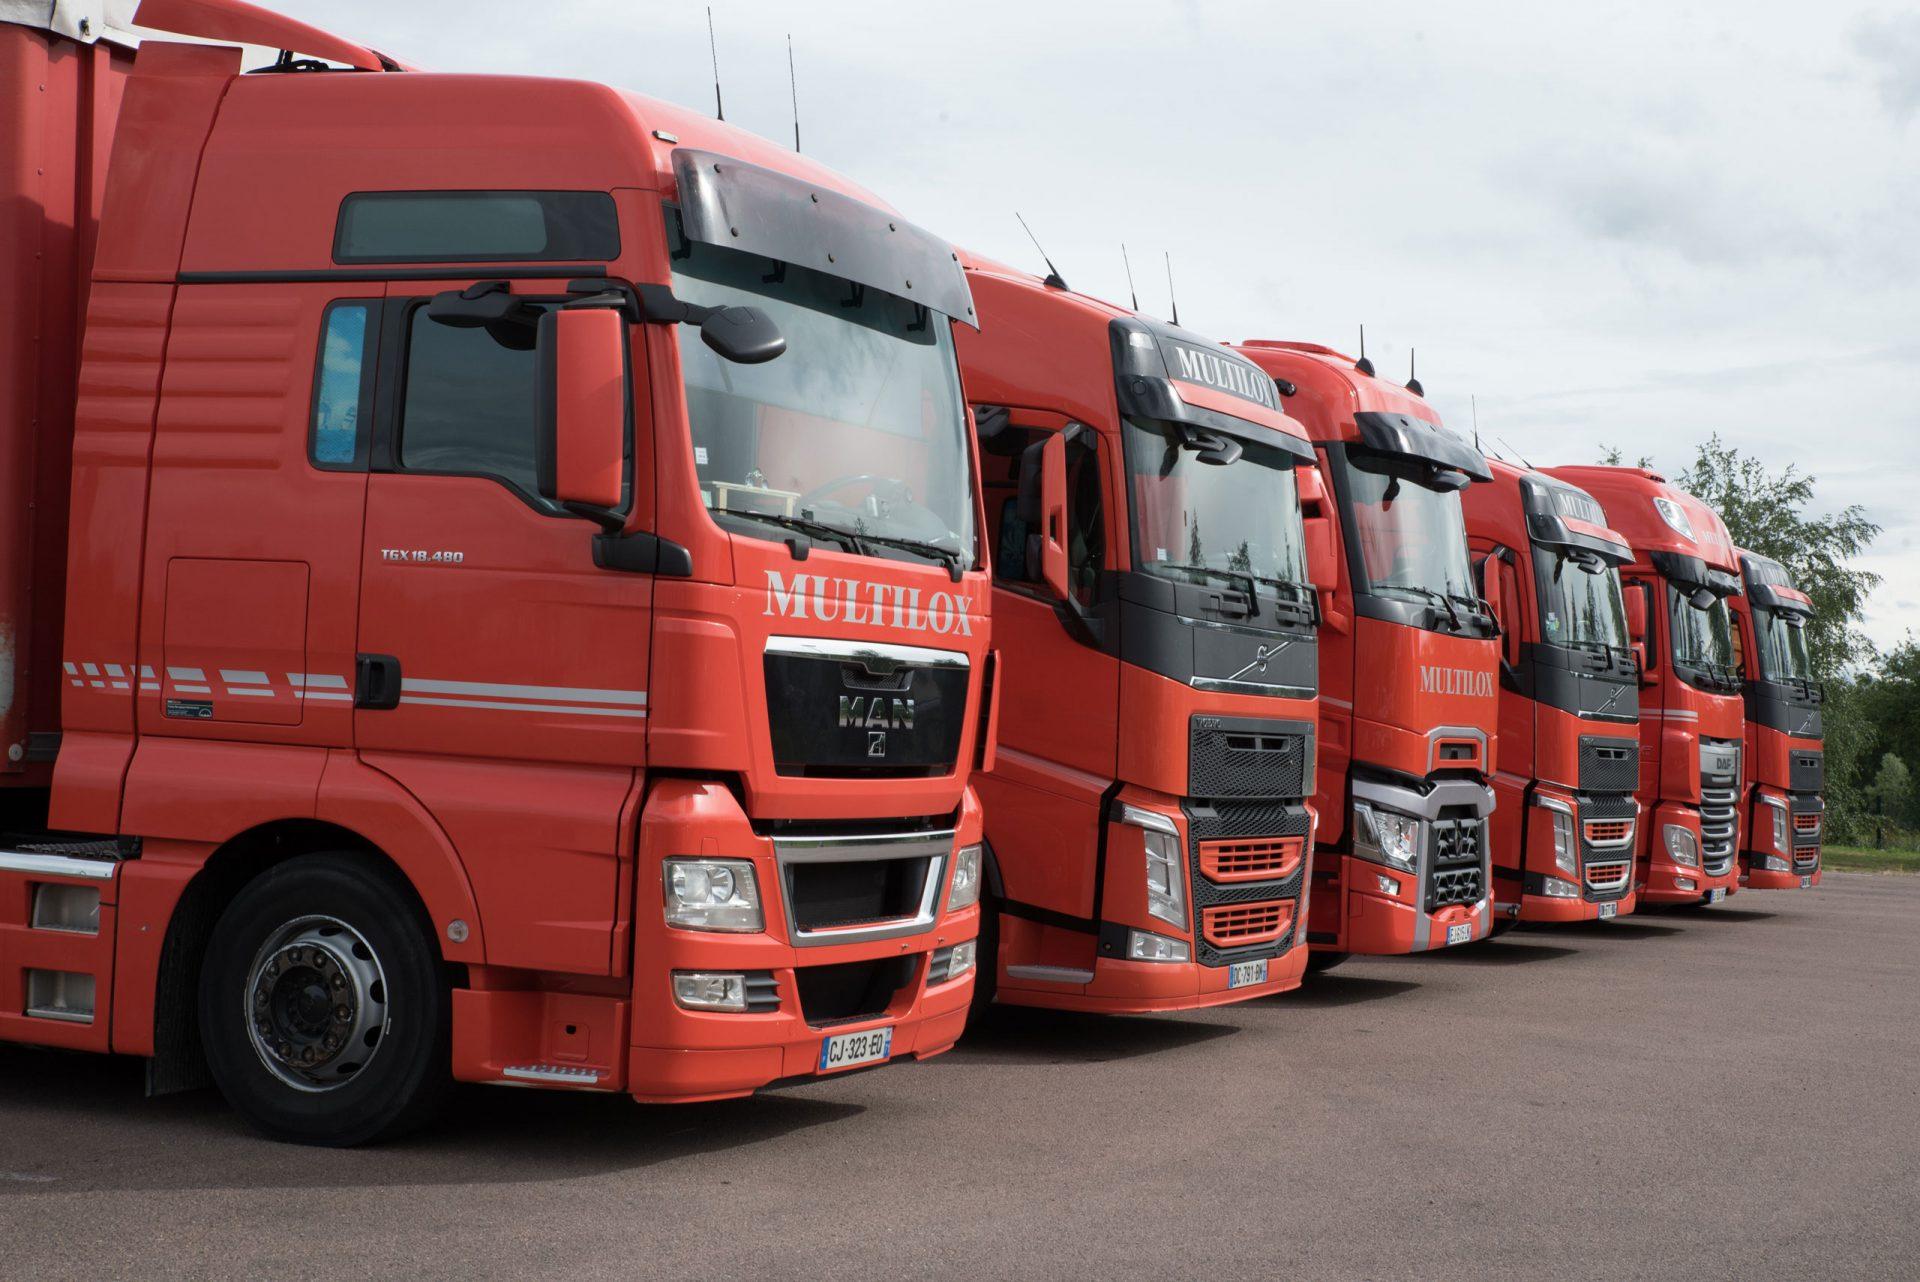 Camions oranges multilox